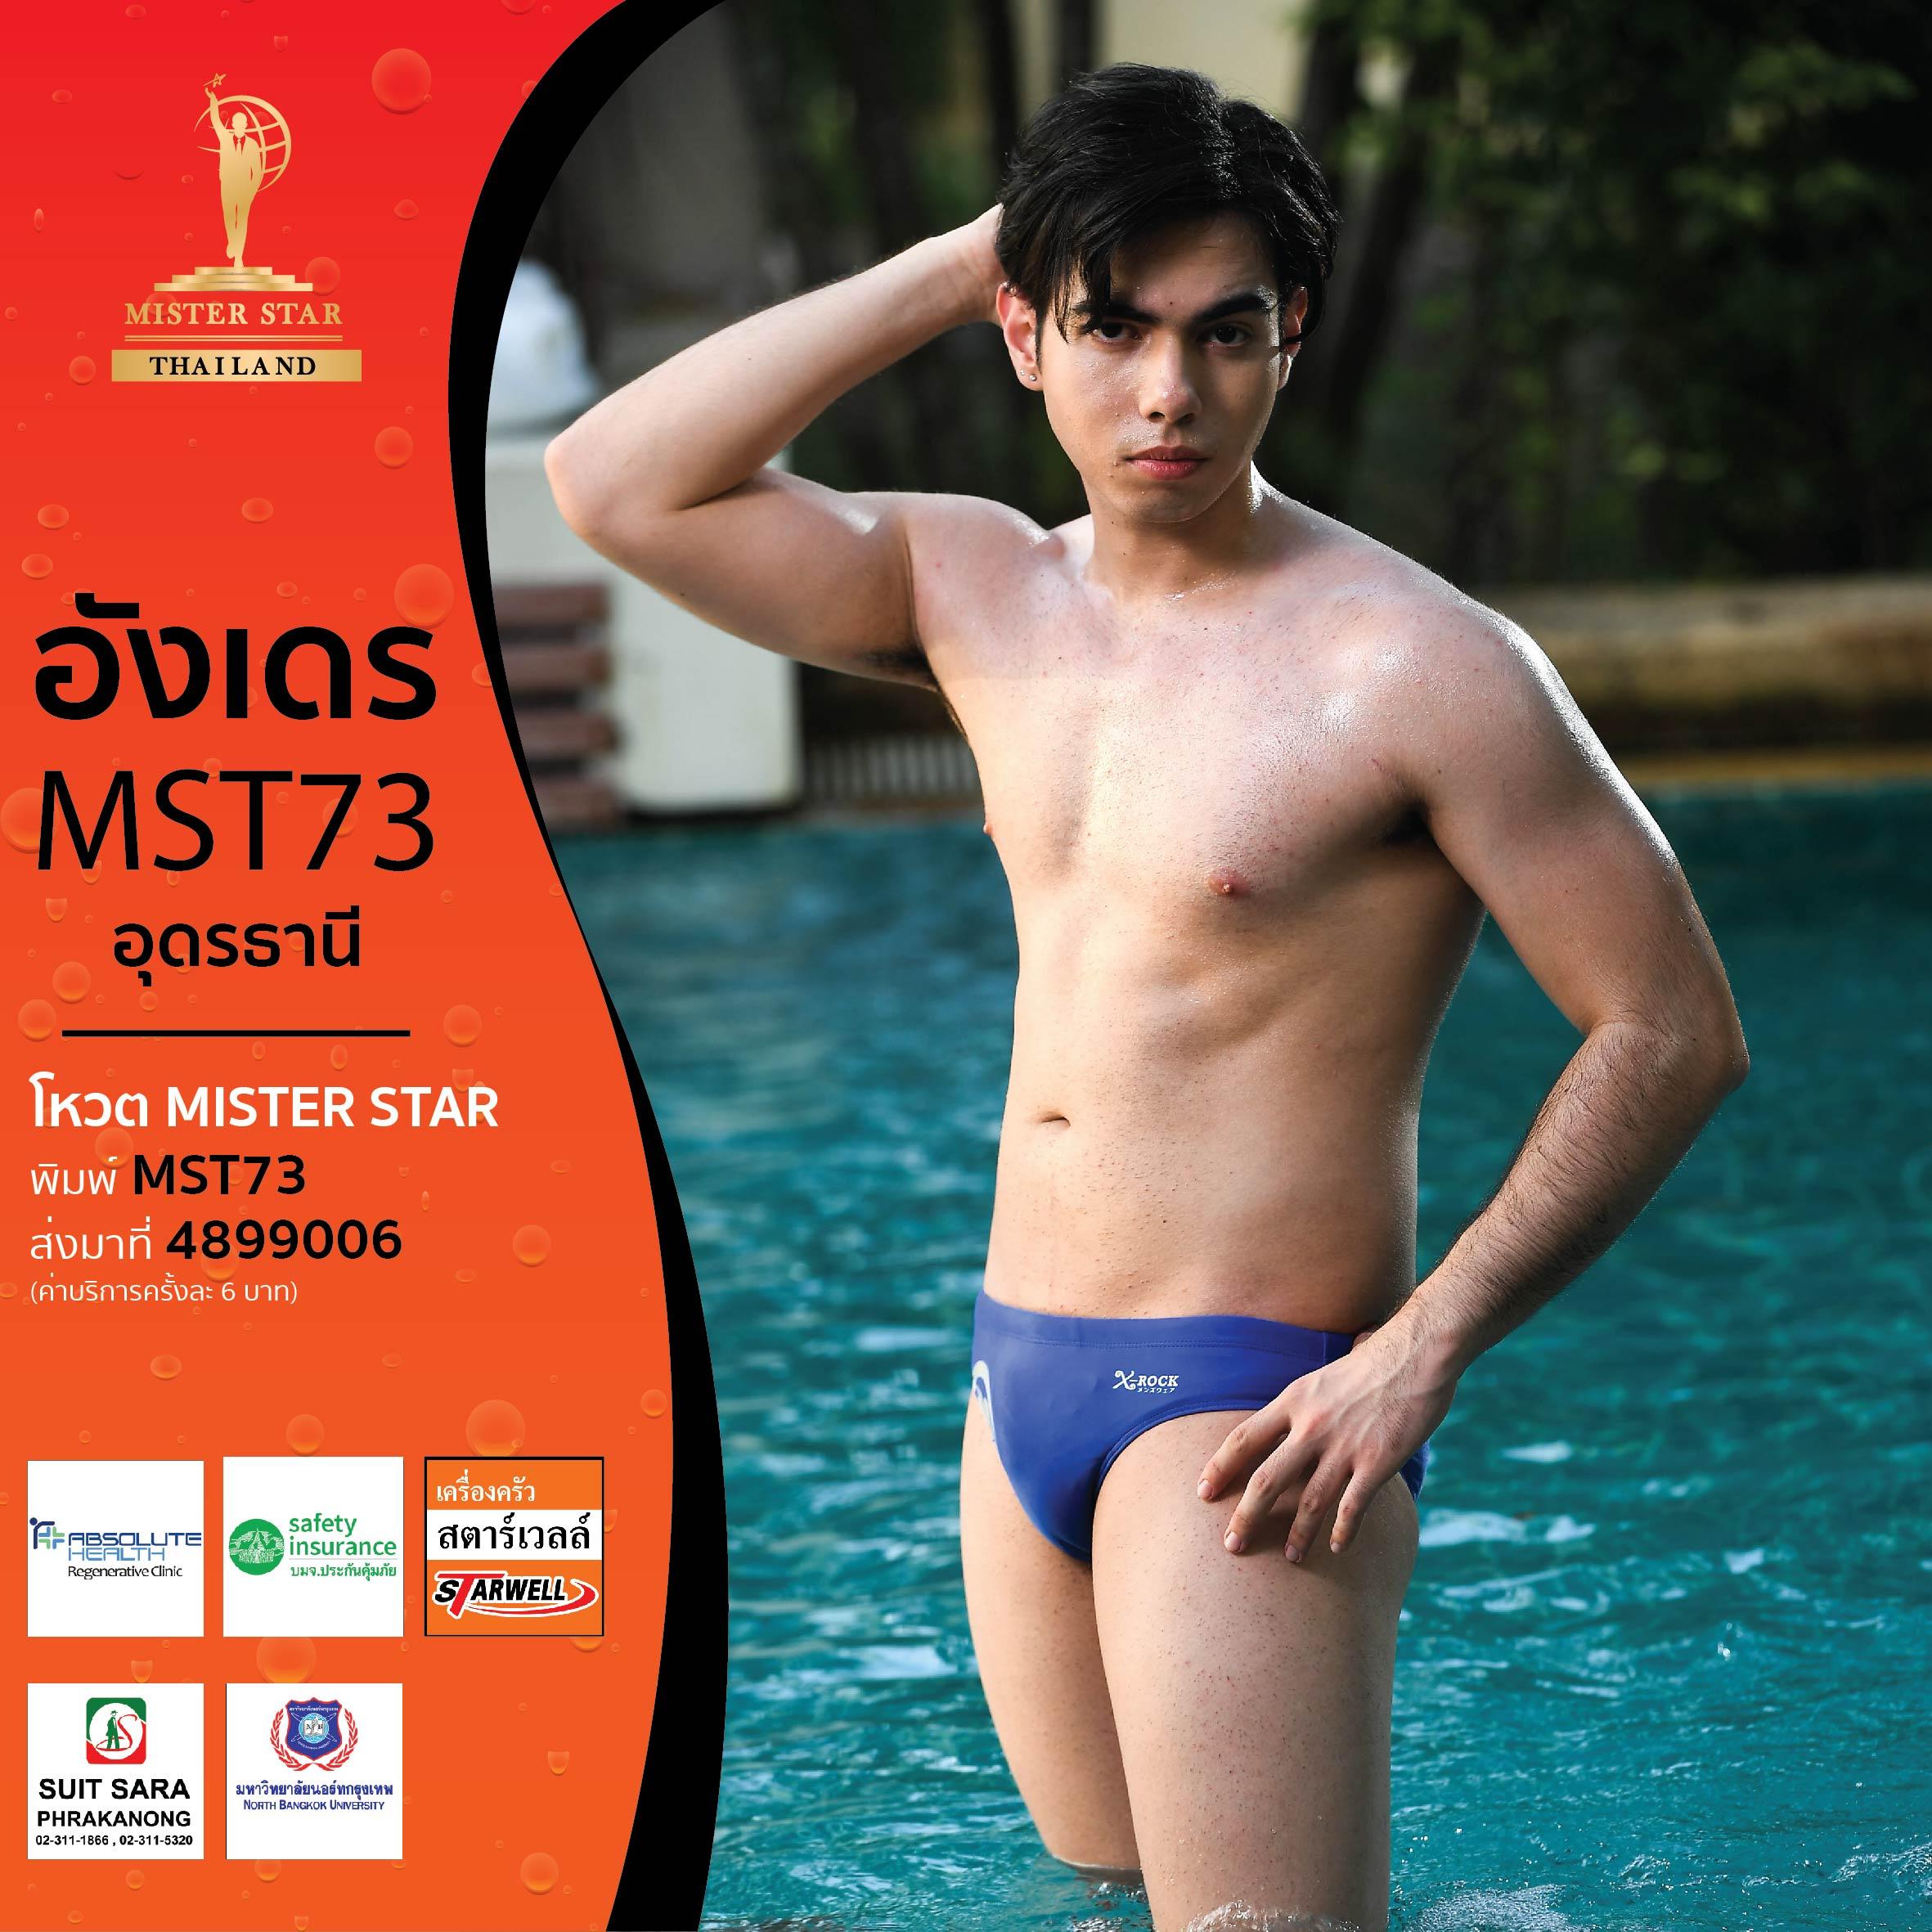 ชุดว่ายน้ำ71-77-03